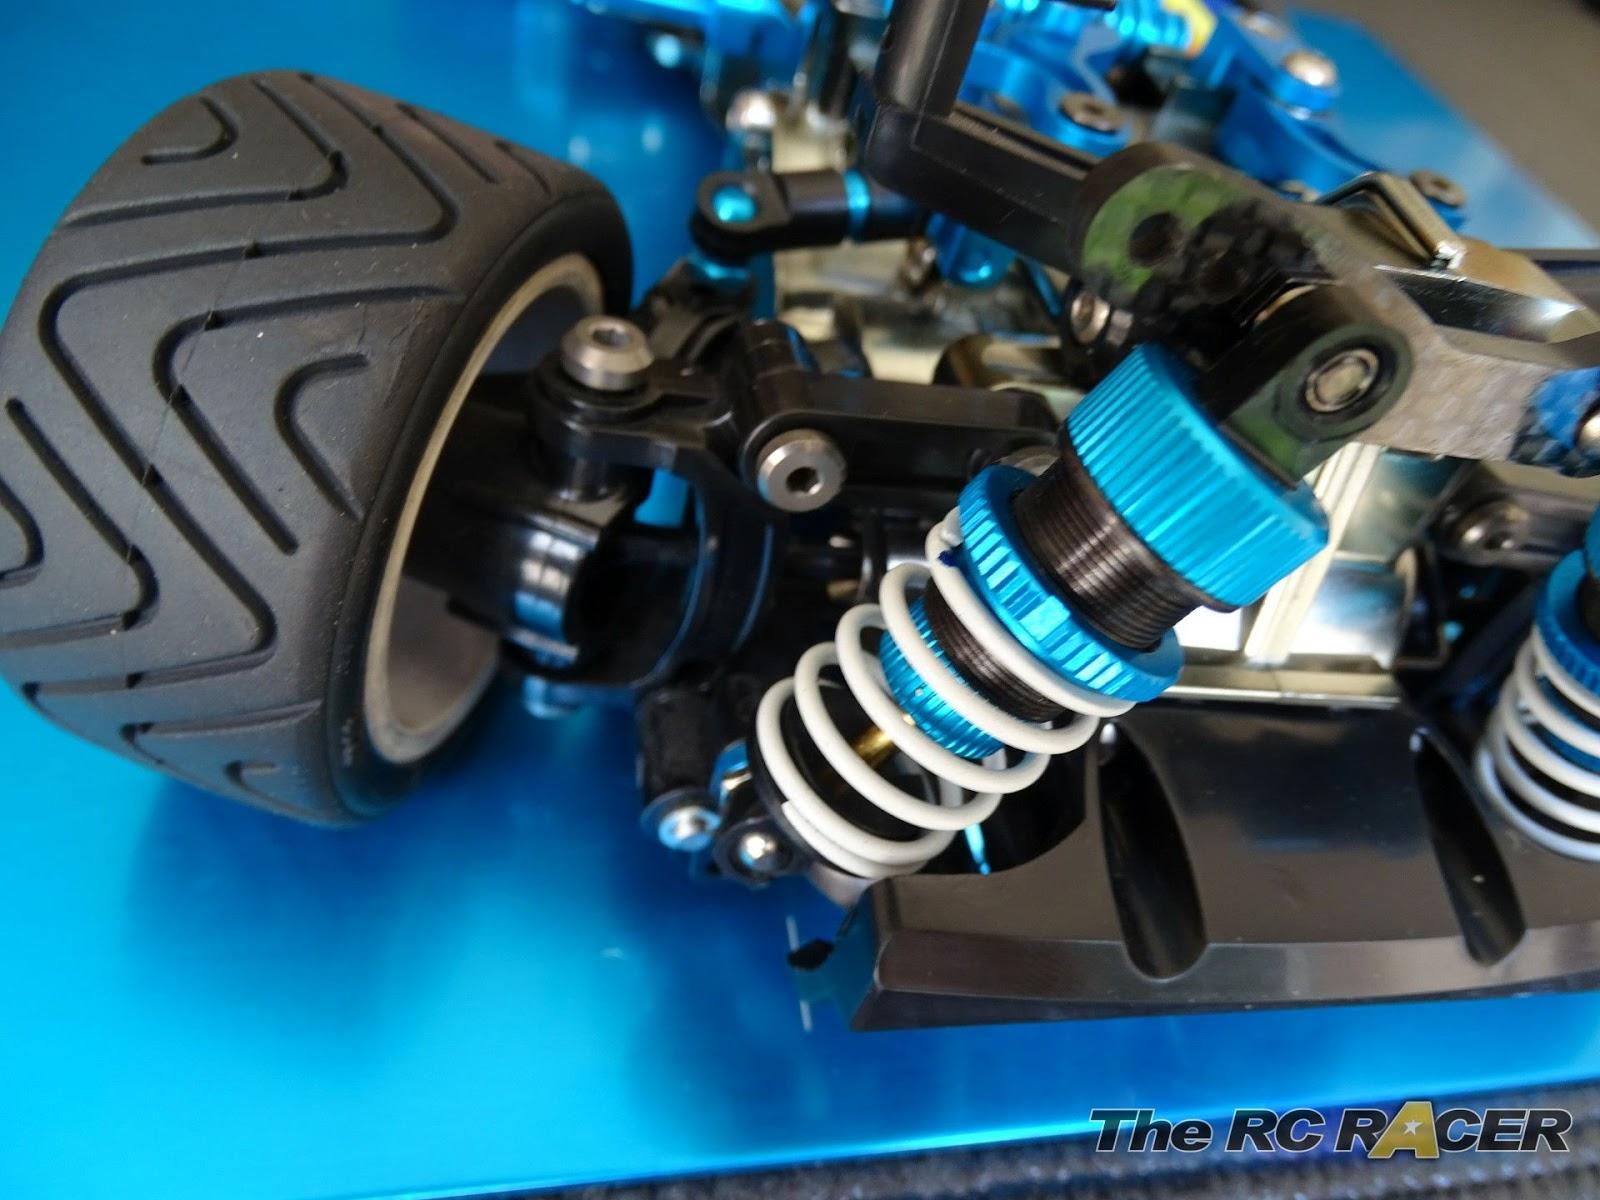 Tamiya M05 v2 guide, Setup, Mods, tuning and racing tips